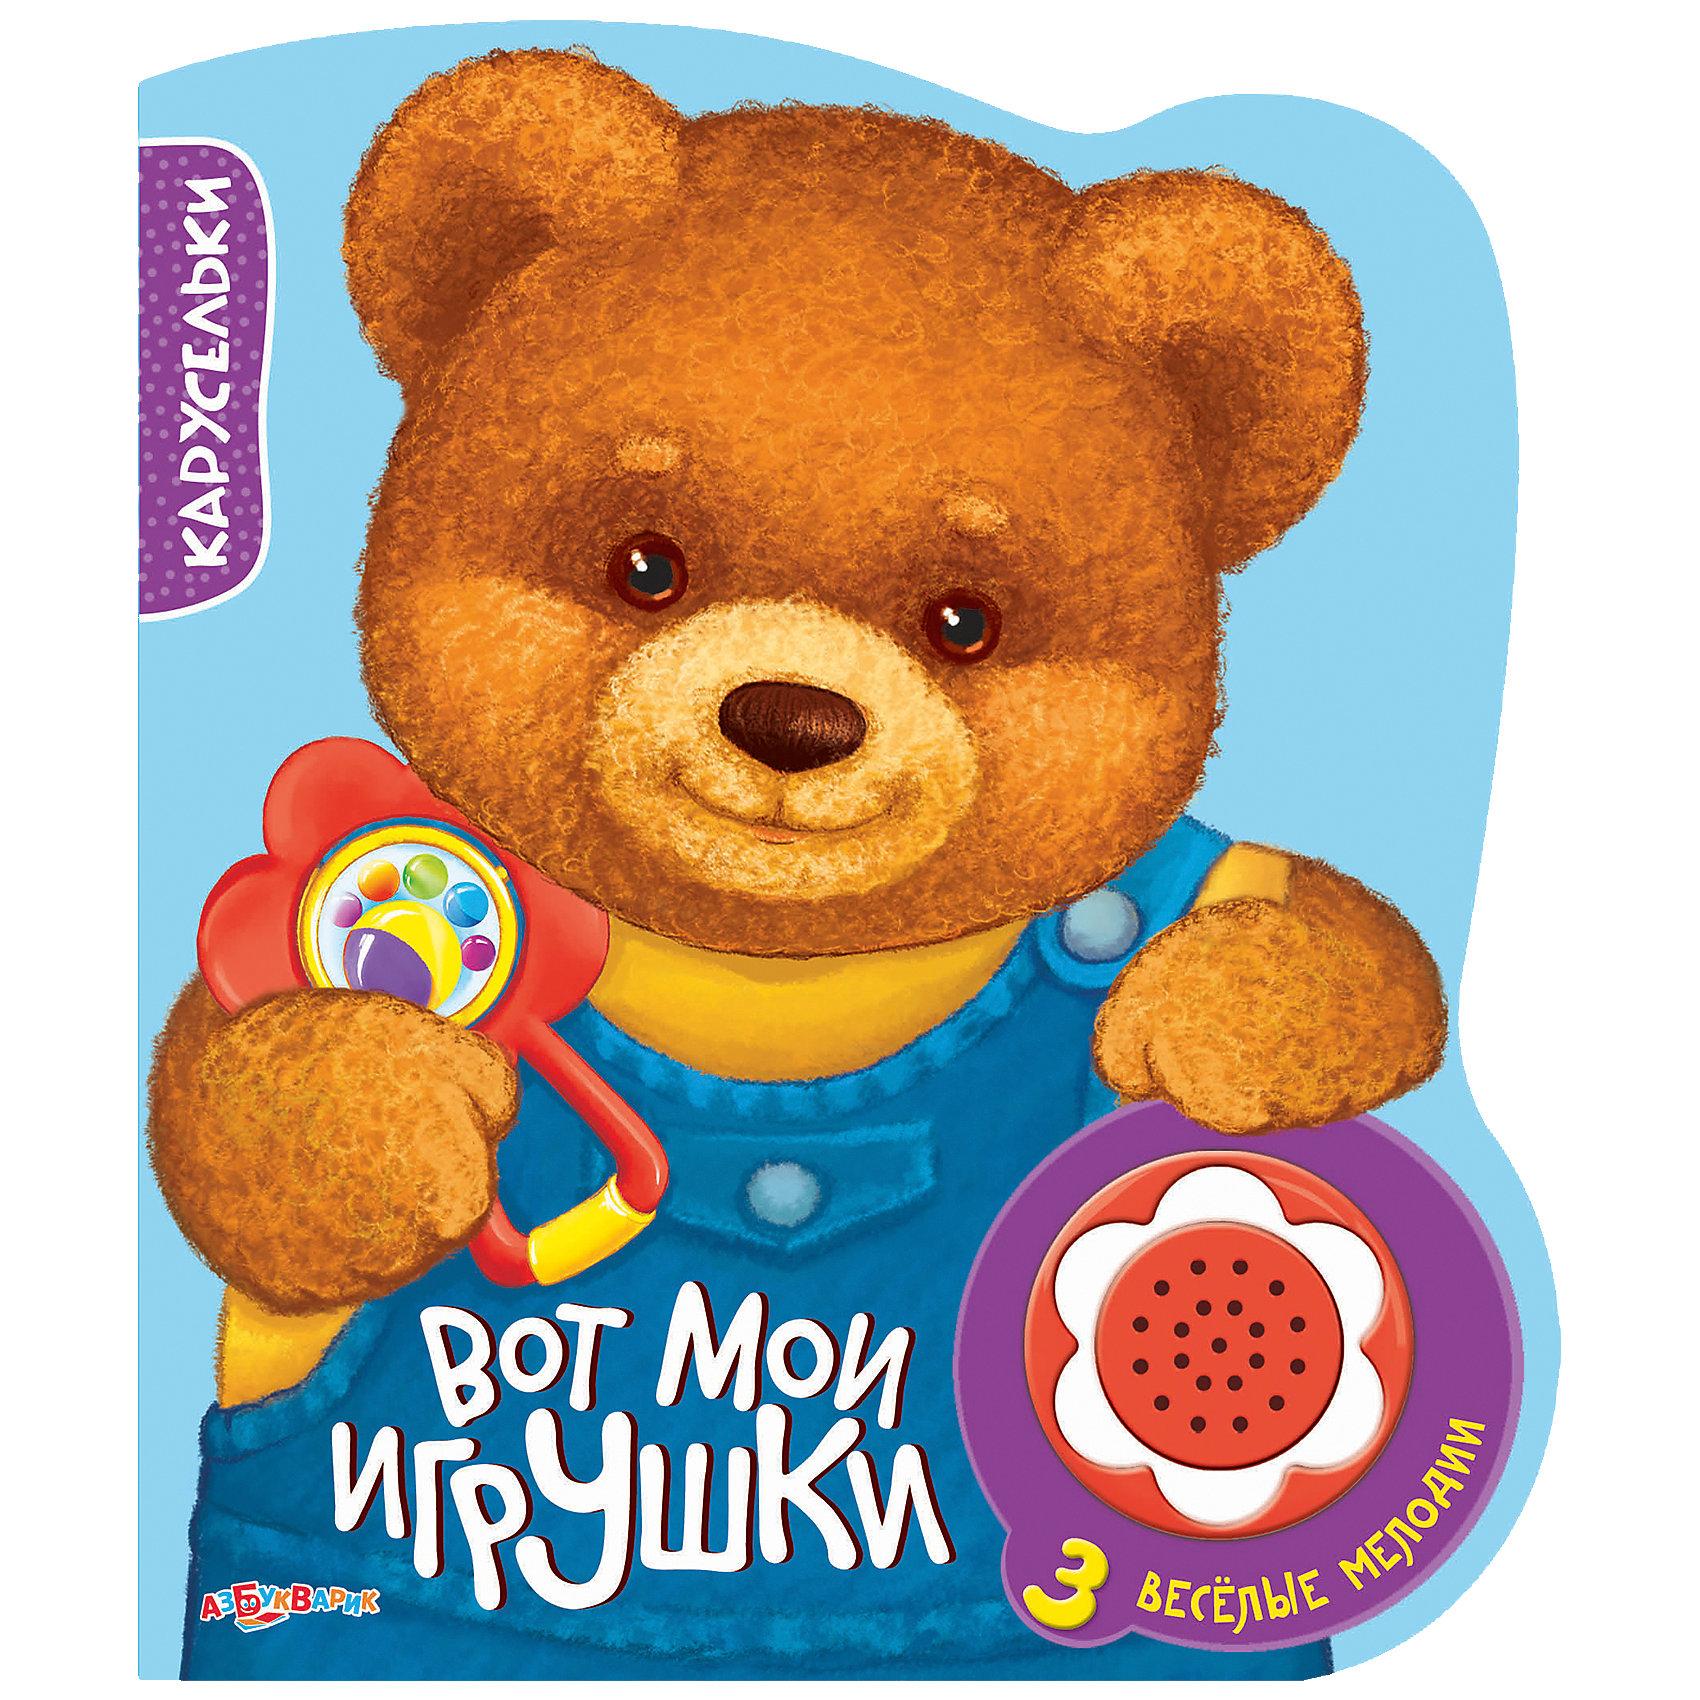 Книга с музыкальным модулем Вот мои игрушки, КаруселькиМузыкальные книги<br>Книга с музыкальным модулем Вот мои игрушки - яркая развивающая книга, которая привлечет внимание Вашего малыша и поможет расширить представление об окружающем мире. На каждой страничке красочное изображение детской игрушки и подпись с ее названием.<br>Нажимая на кнопочки звукового модуля, ребенок услышит три веселые мелодии, которые сопровождаются мигающими огоньками. Благодаря фигурной форме и плотным картонным страничкам книжку можно использовать как игрушку. Развивает у ребенка цветовое и звуковое восприятие, тренирует мелкую моторику, прививает интерес к книгам. <br><br>Дополнительная информация:<br><br>- Материал: картон, пластик. <br>- Работает на батарейках: 3 х CR2032 (в комплекте демонстрационные).<br>- Объем: 14 стр.<br>- Размер: 14,5 х 17,5 х 1 см.<br><br>Книгу с музыкальным модулем Вот мои игрушки, Азбукварик, можно купить в нашем интернет-магазине.<br><br>Ширина мм: 145<br>Глубина мм: 10<br>Высота мм: 175<br>Вес г: 120<br>Возраст от месяцев: 12<br>Возраст до месяцев: 36<br>Пол: Унисекс<br>Возраст: Детский<br>SKU: 4494053